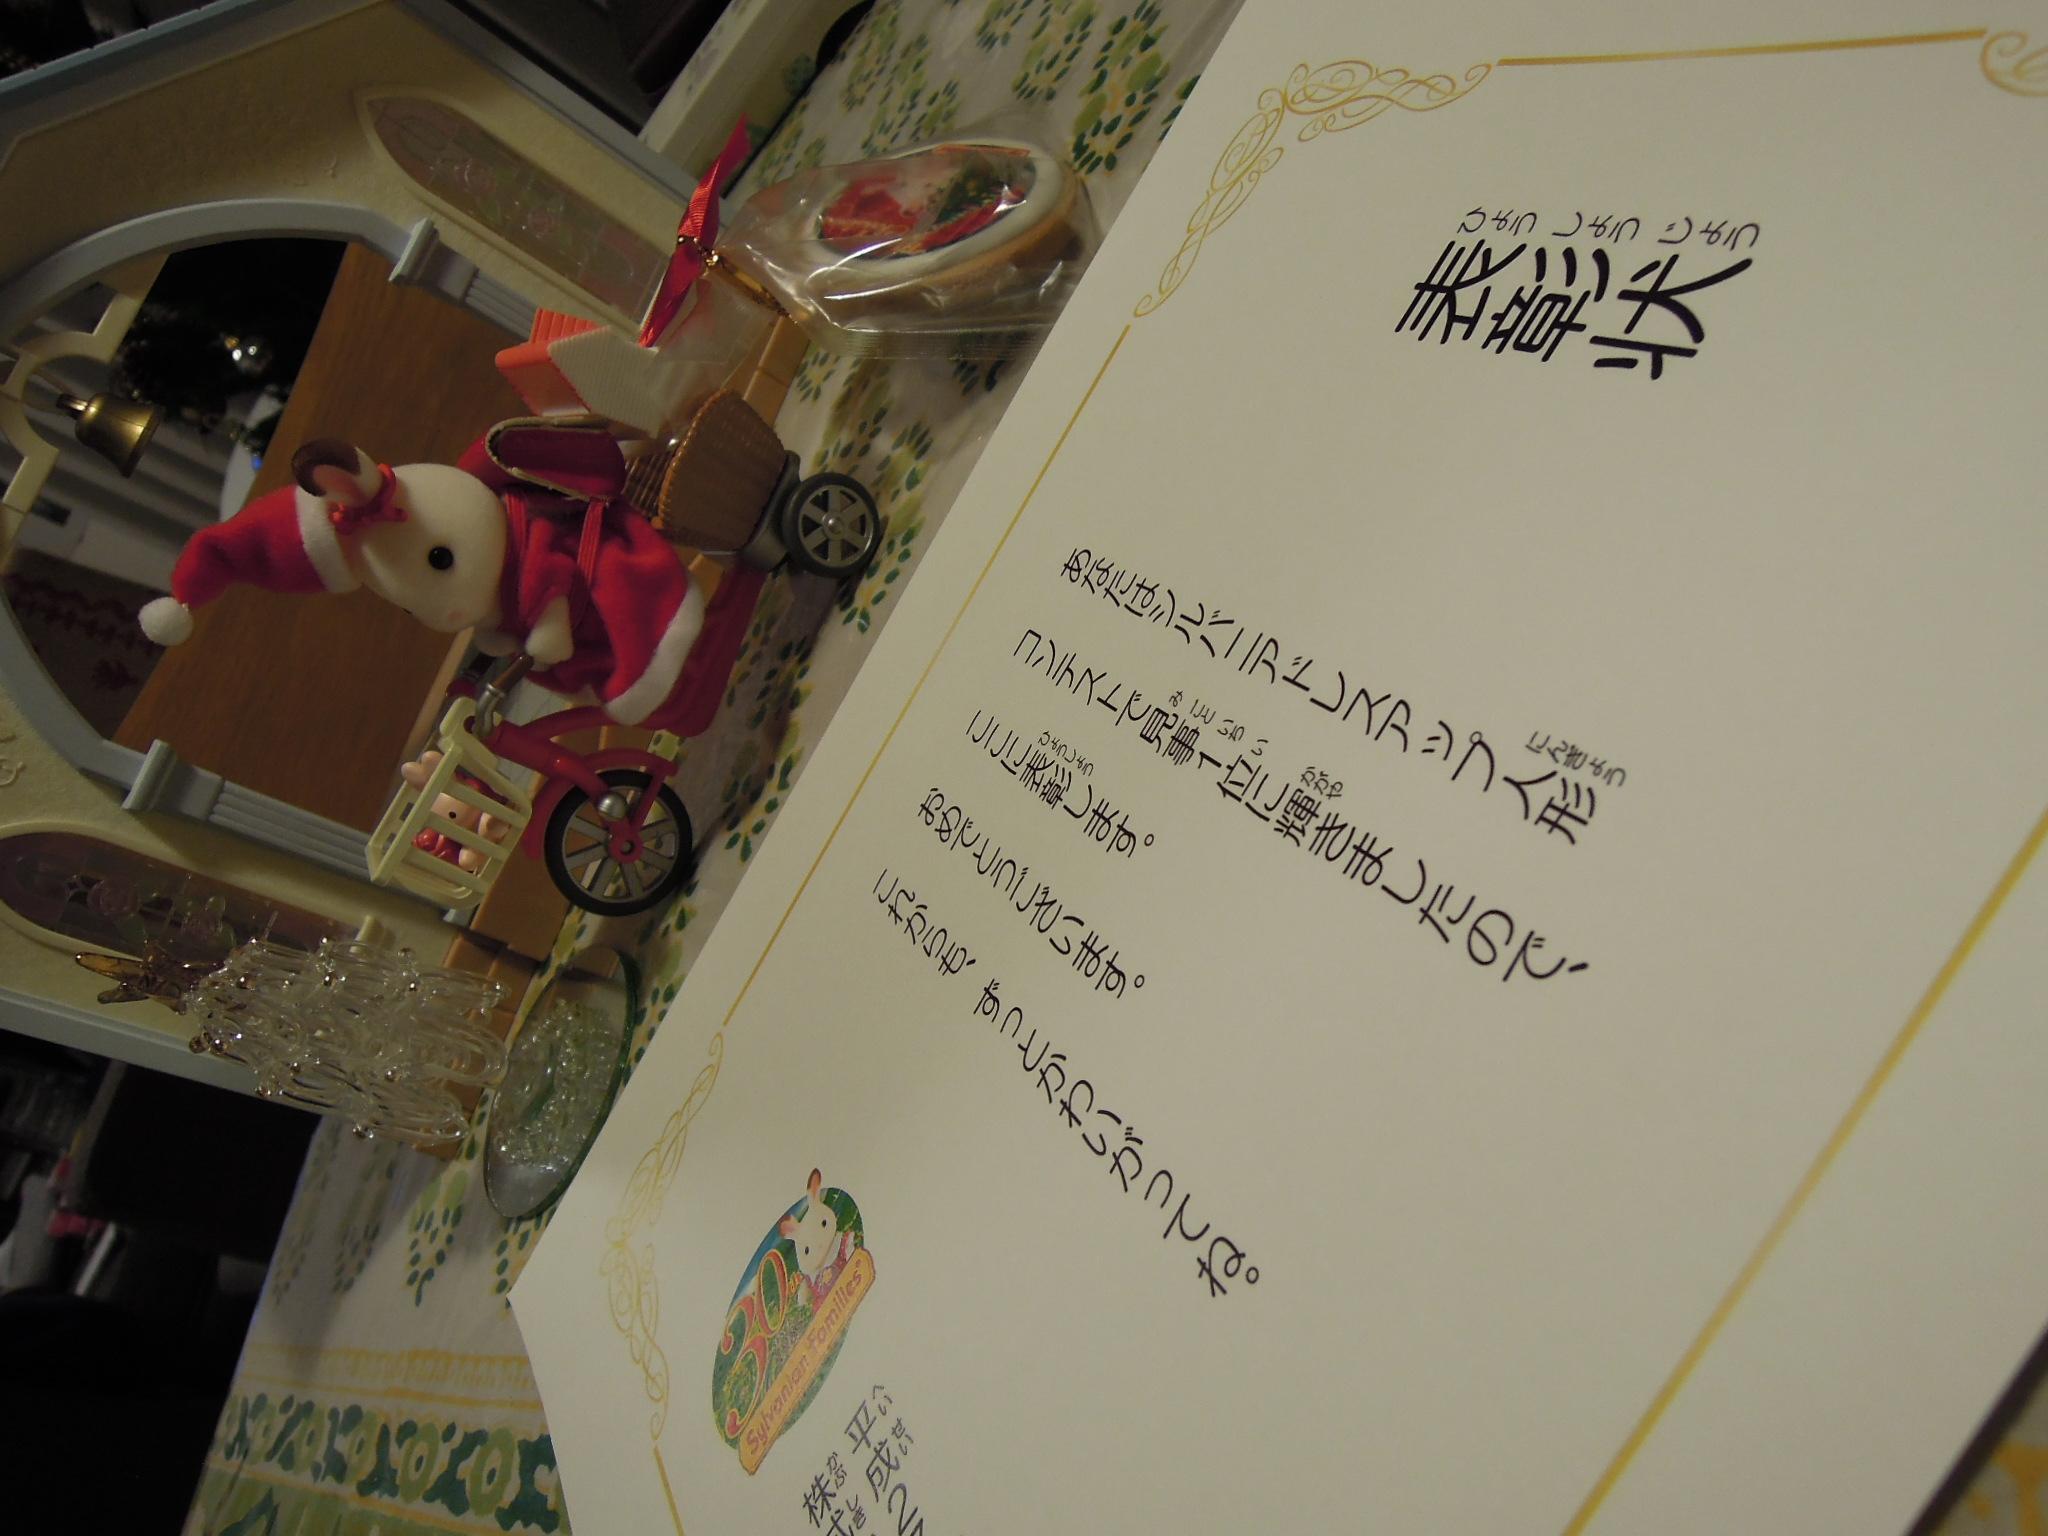 【シルバニア】 クリスマスファンクラブイベント 大阪 ATC ドレスアップコンテスト優勝